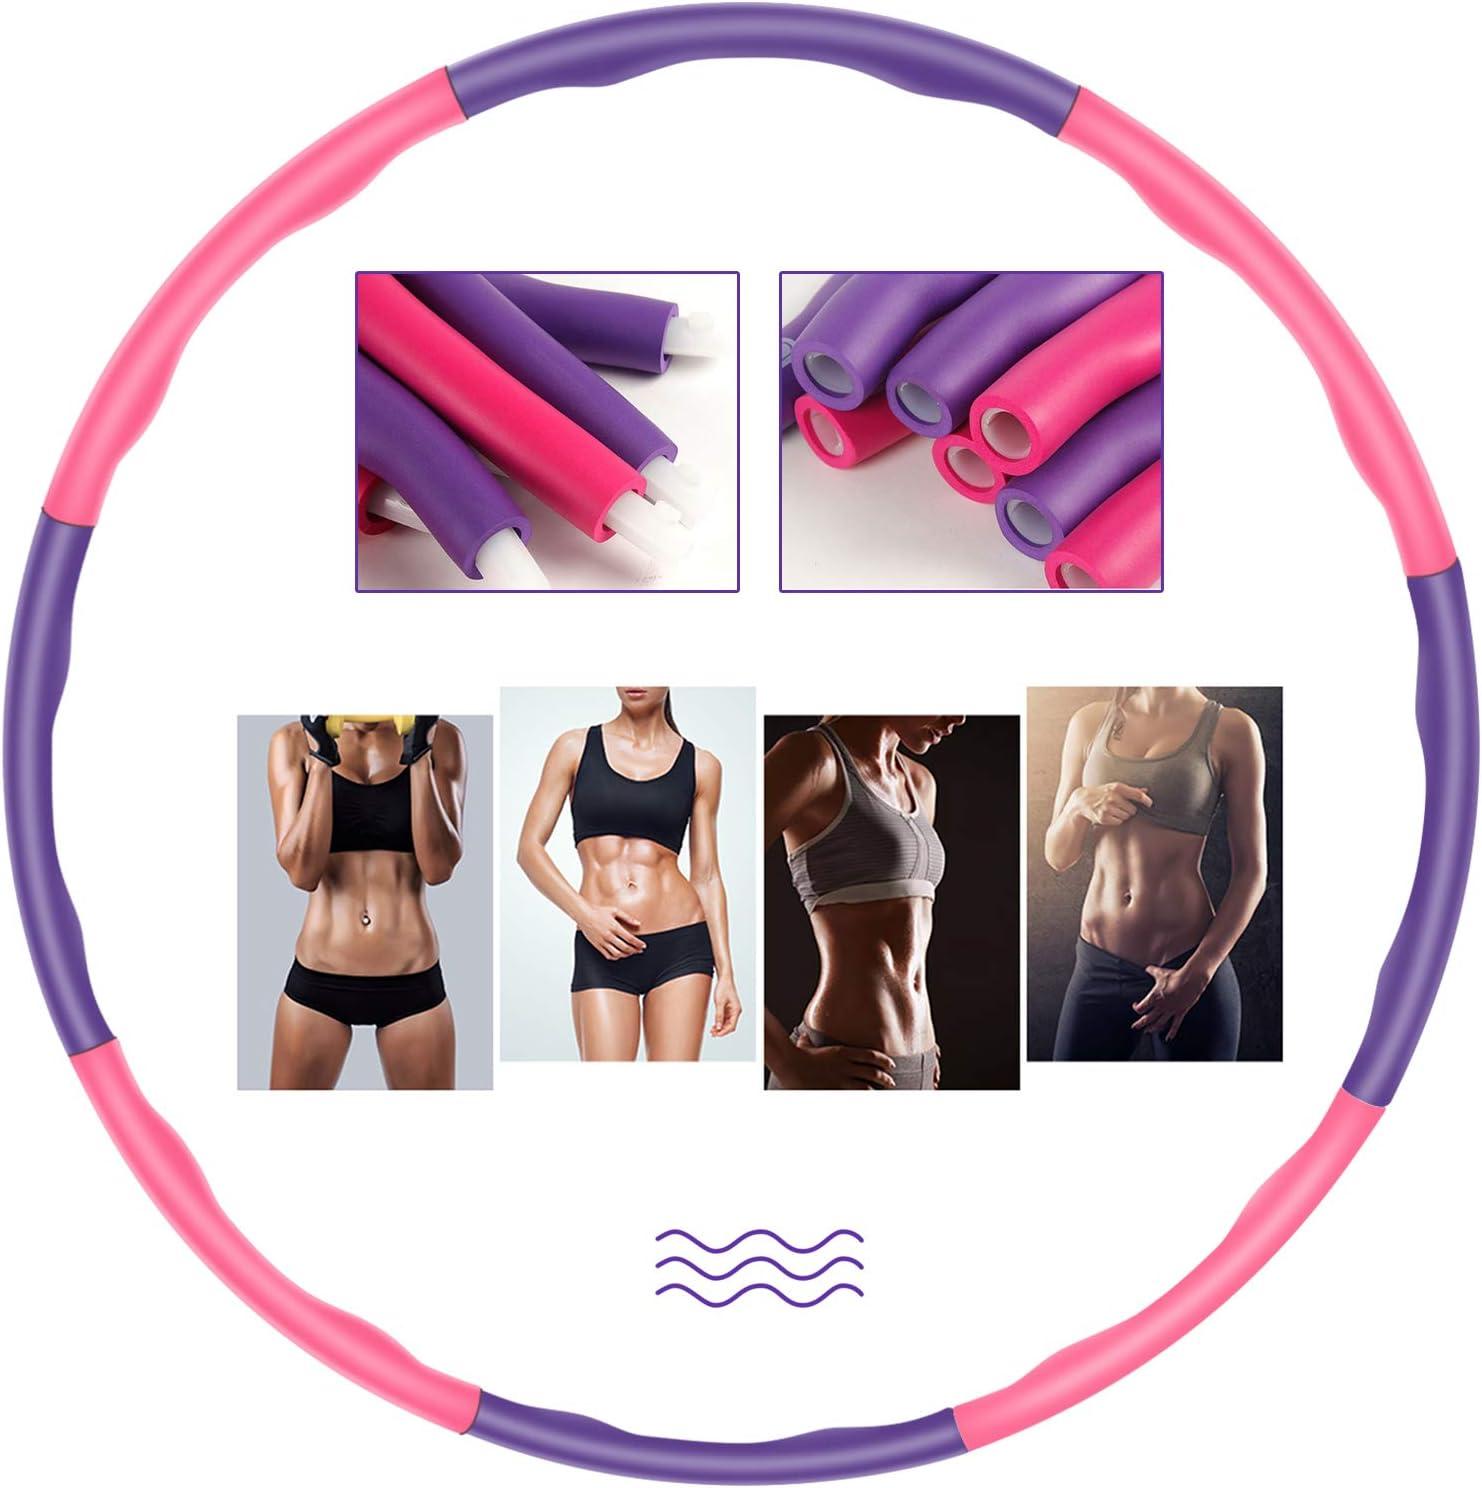 Hula Hoop Reifen Fitness Erwachsene elegant 6-8 Segmente Abnehmbar f/ür Erwachsene /& Kinder Geeignet F/ür Fitness//Training//B/üro oder Bauchmuskelkonturen mit Resistance Bands und Tasche 1.2Kg